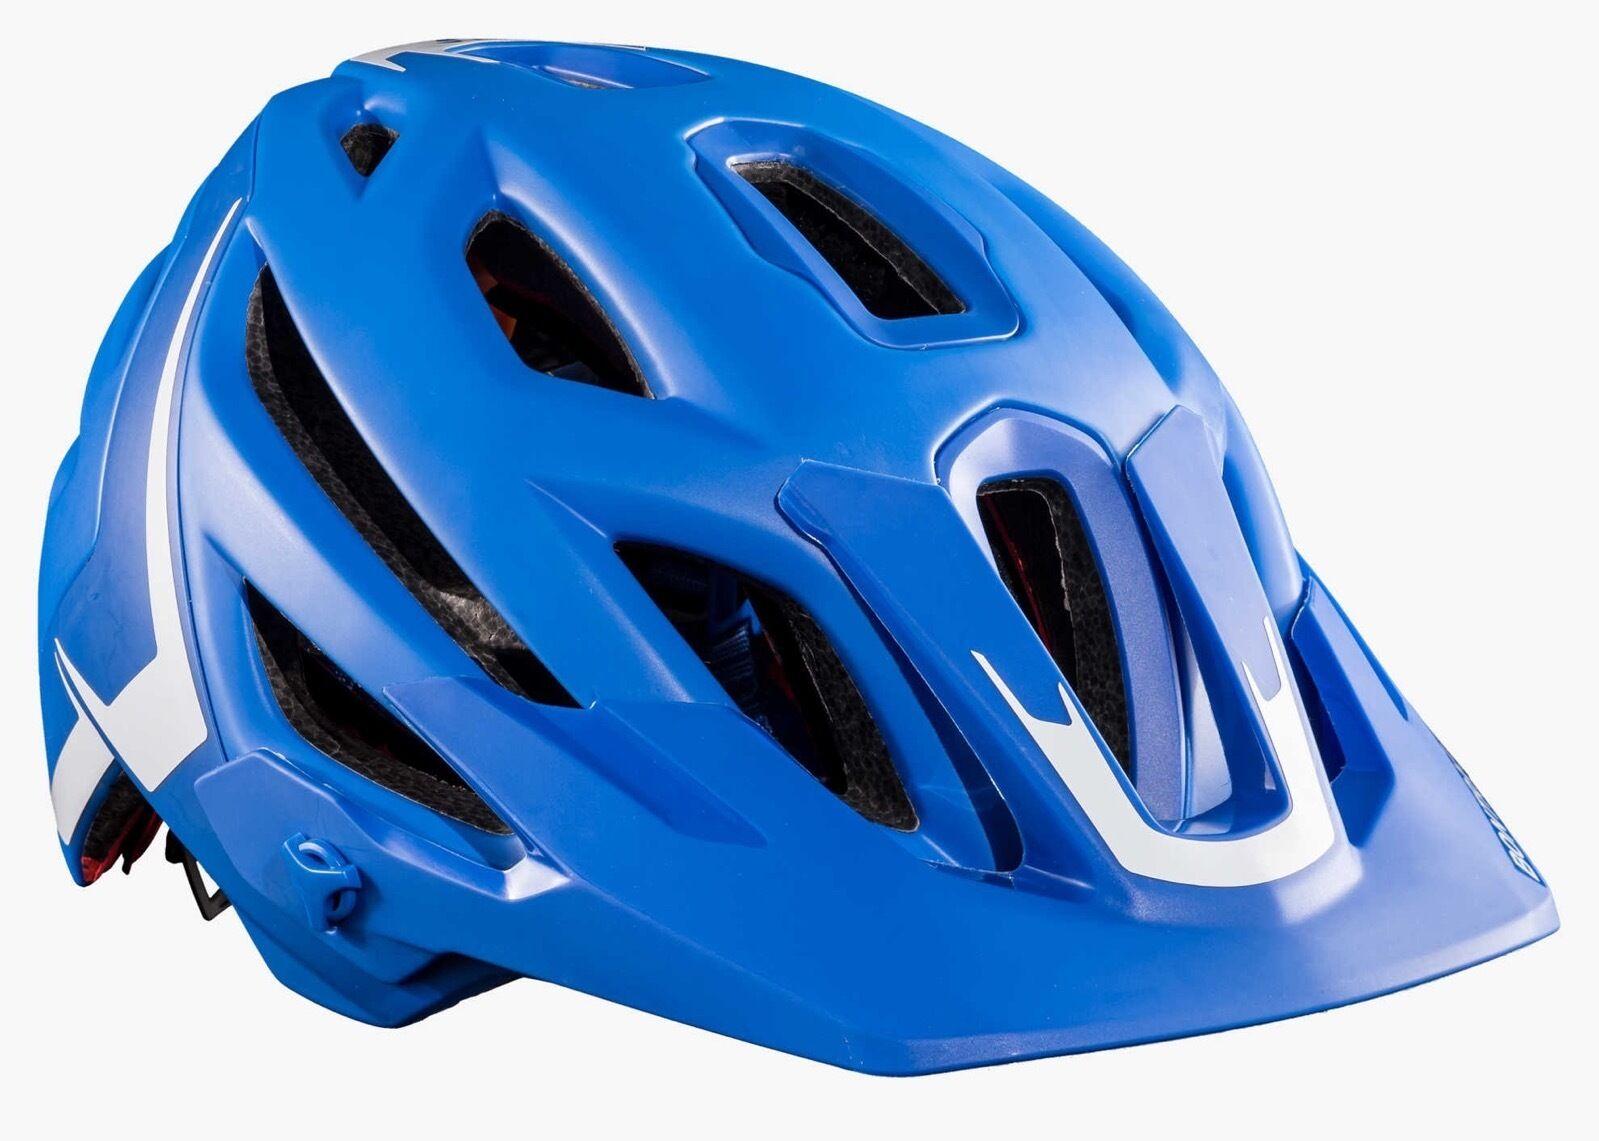 Casco Ciclismo Helmet Bontrager Lithios en Azul Tamaño M